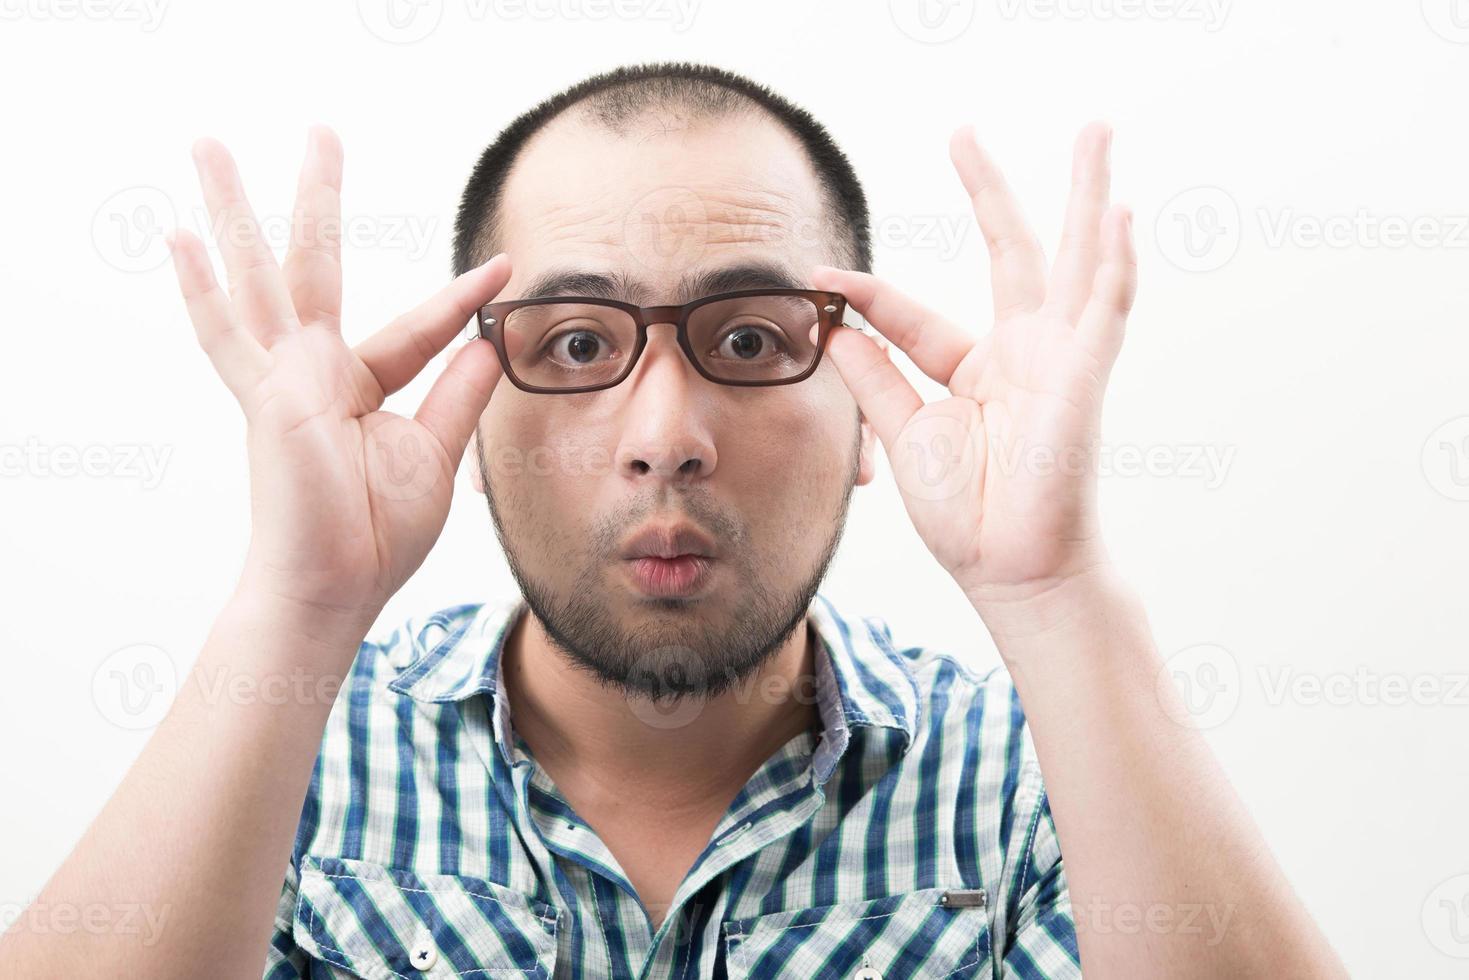 portret van de jonge knappe man geïsoleerd op een witte achtergrond zijn bril aan te raken foto